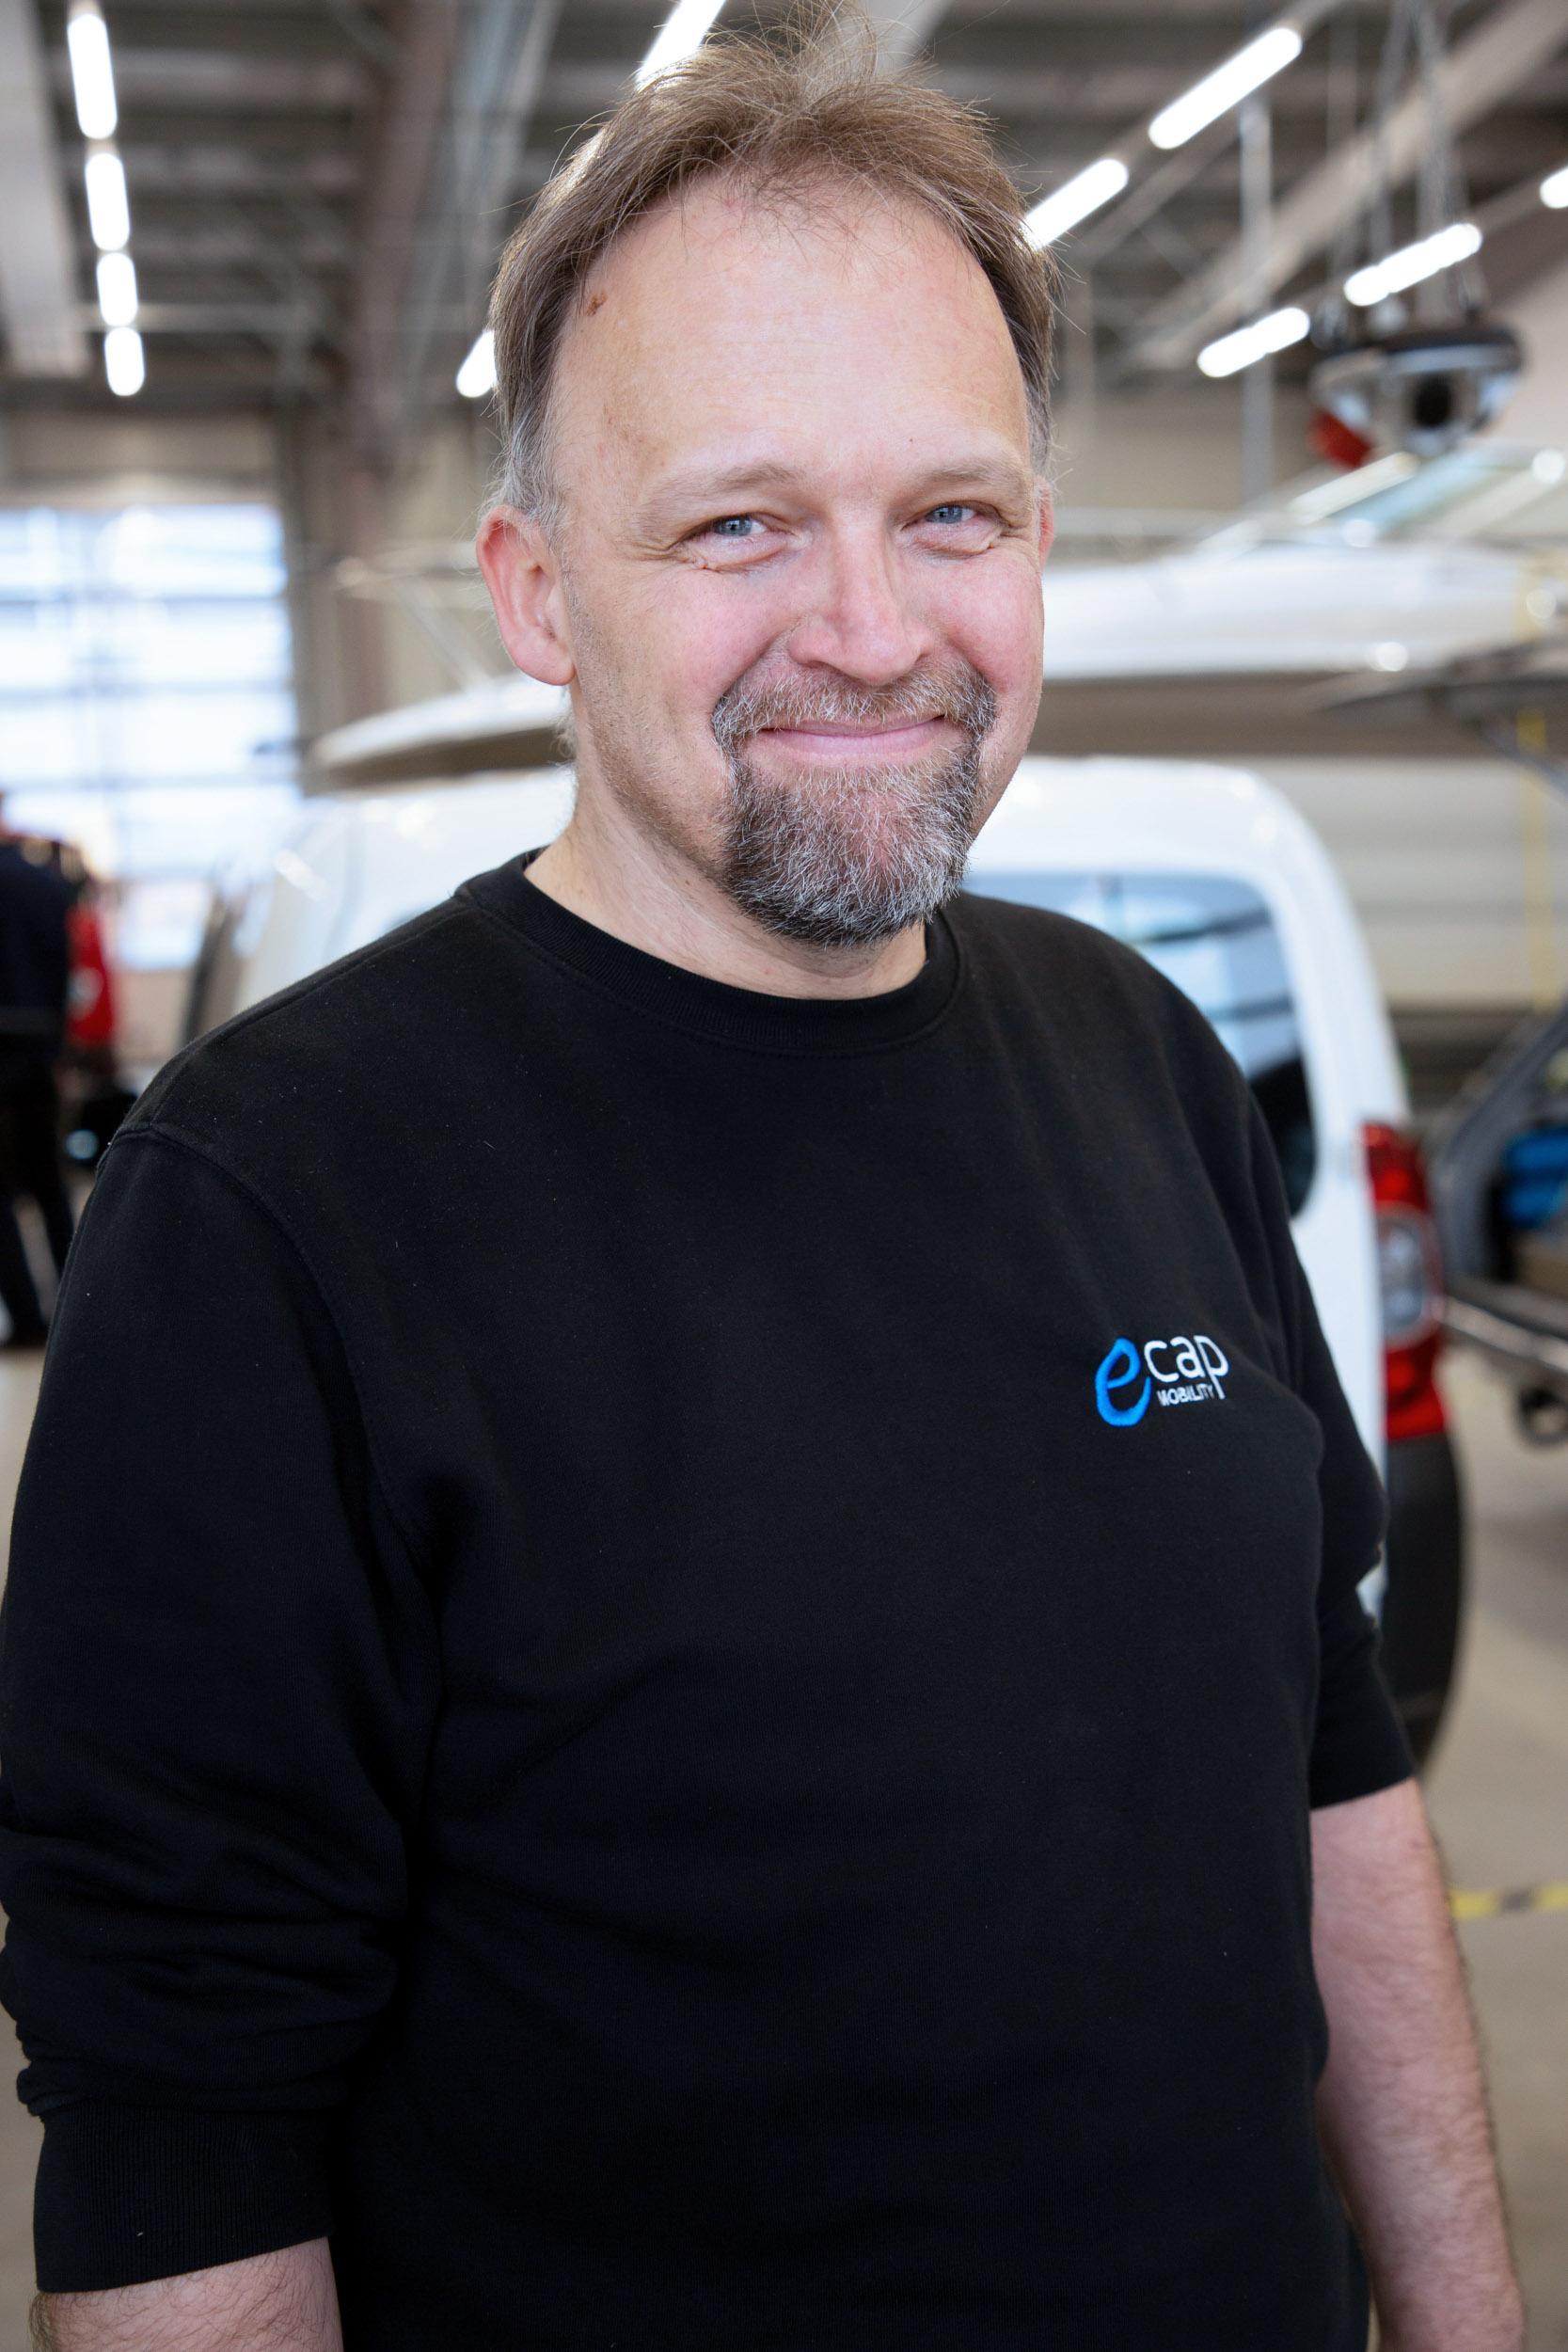 Bernd Goos | Mechatronics Technician bgo@ecap-mobility.com